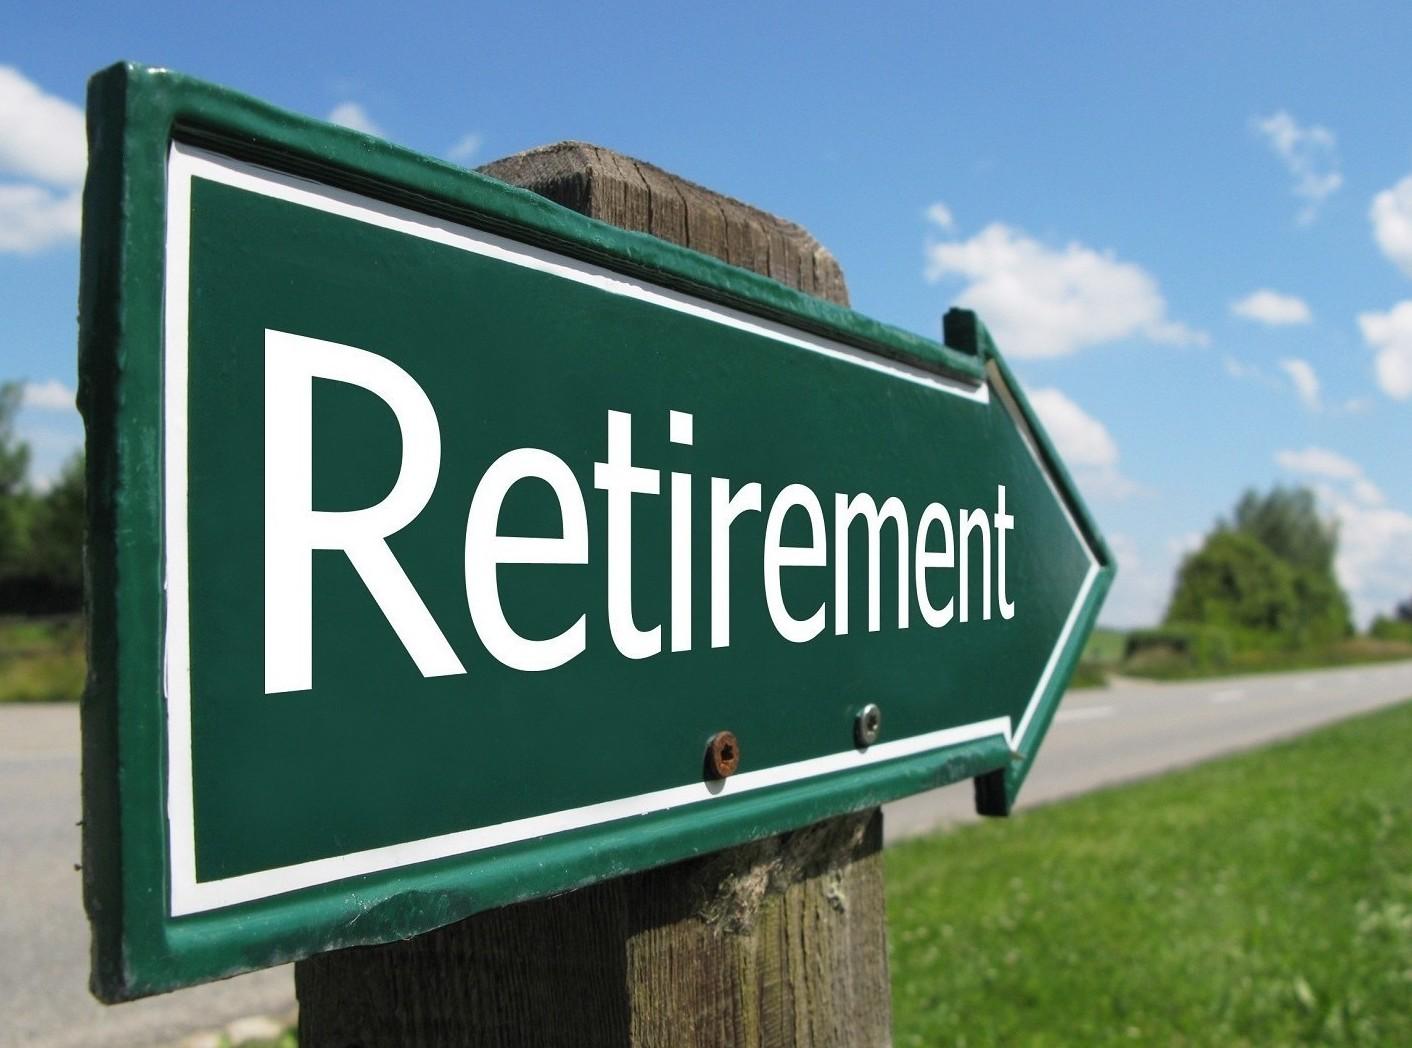 Pensione anticipata 2019 uomini e donne